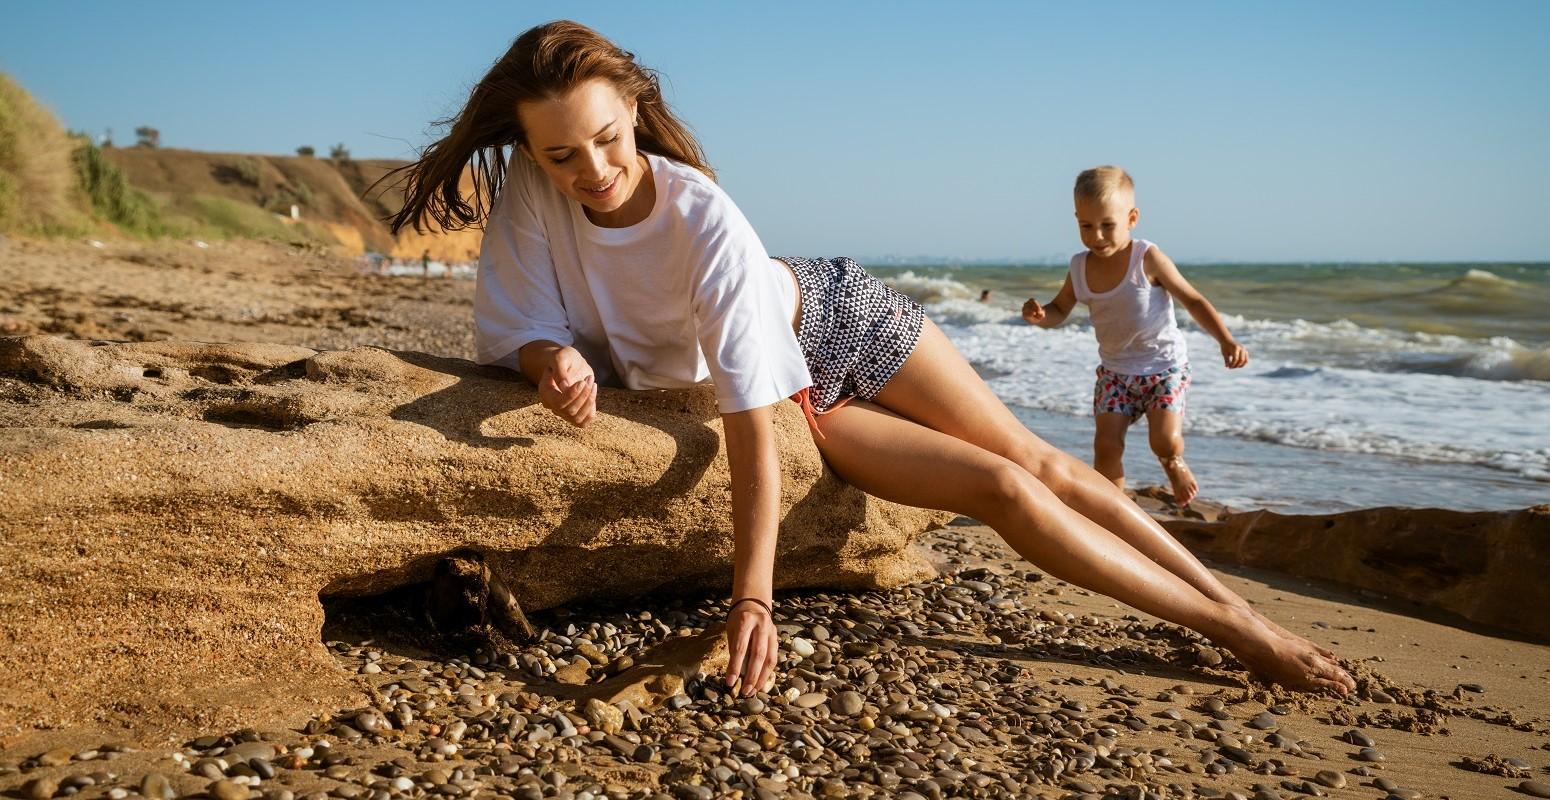 en la playa con mama soltera - viajacontuhijo